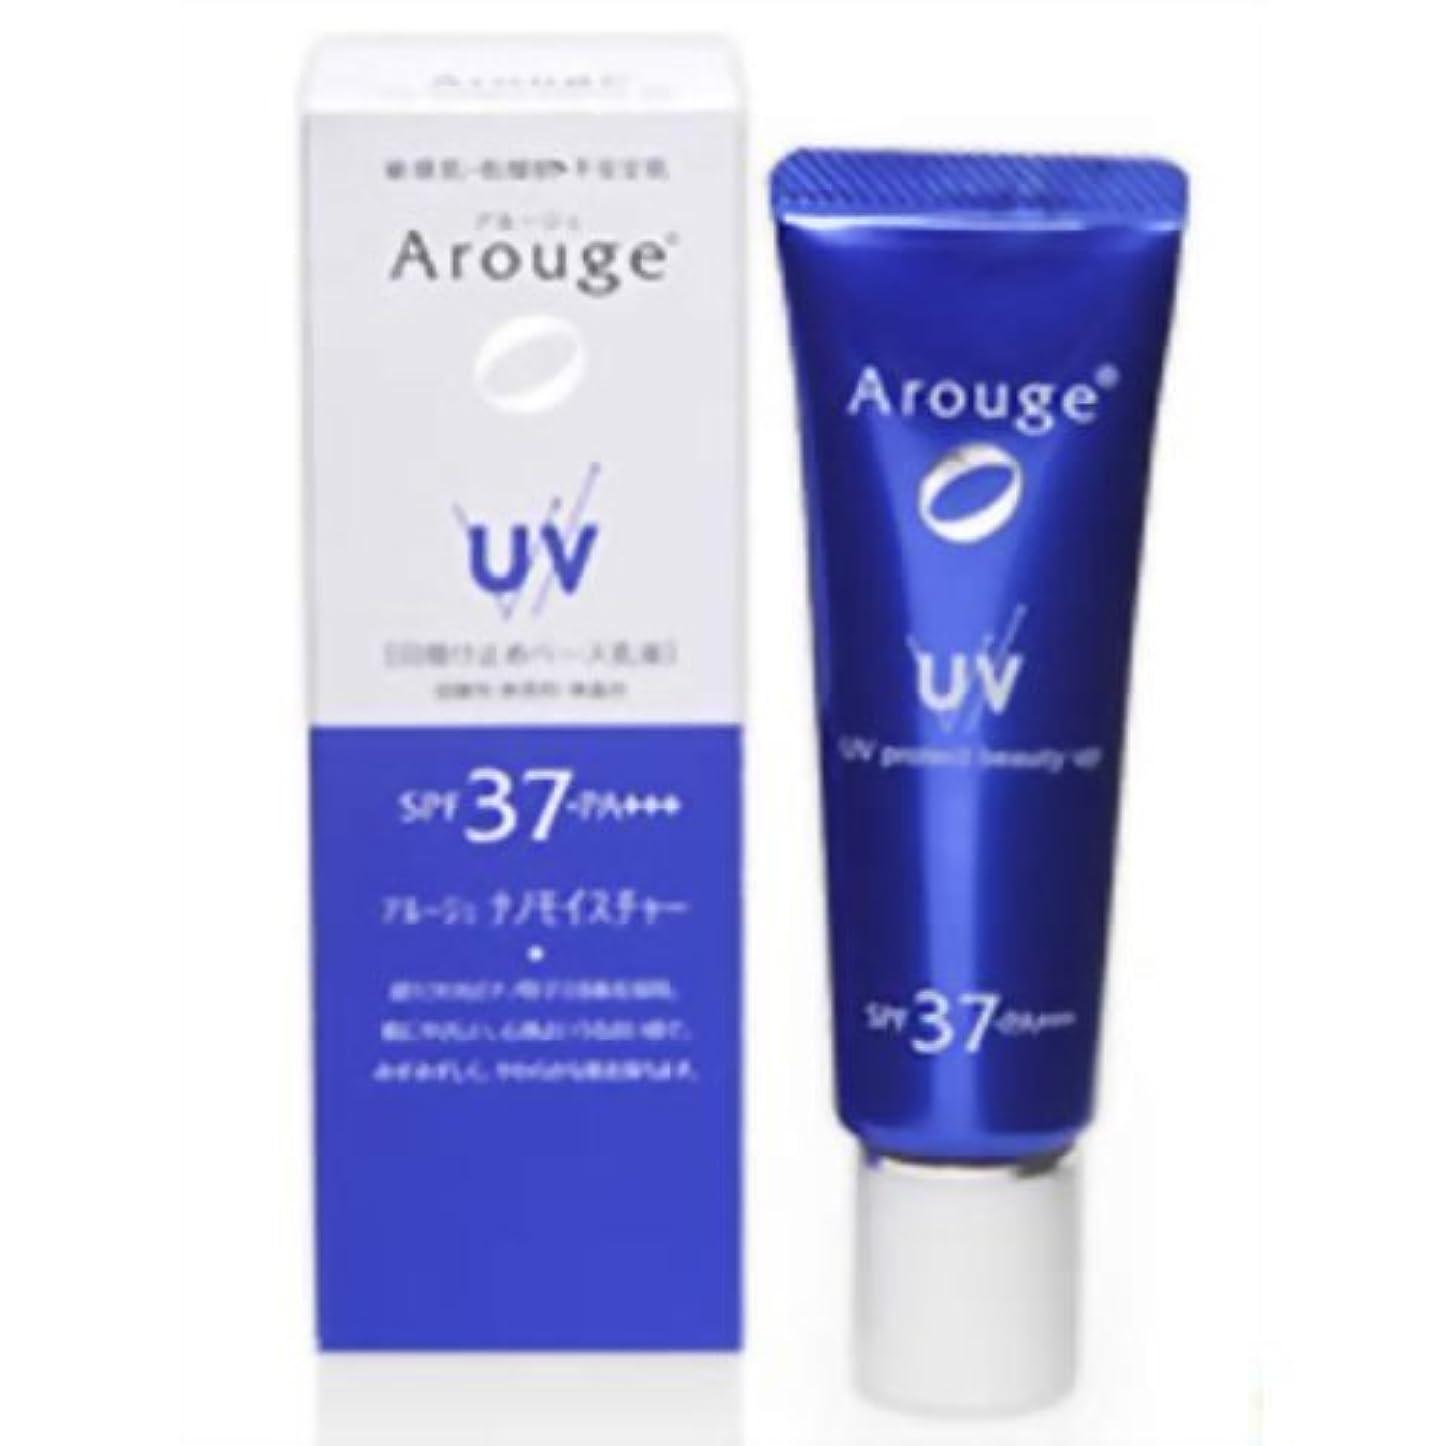 減衰犯人アルージェ UVプロテクトビューティーアップ 25g